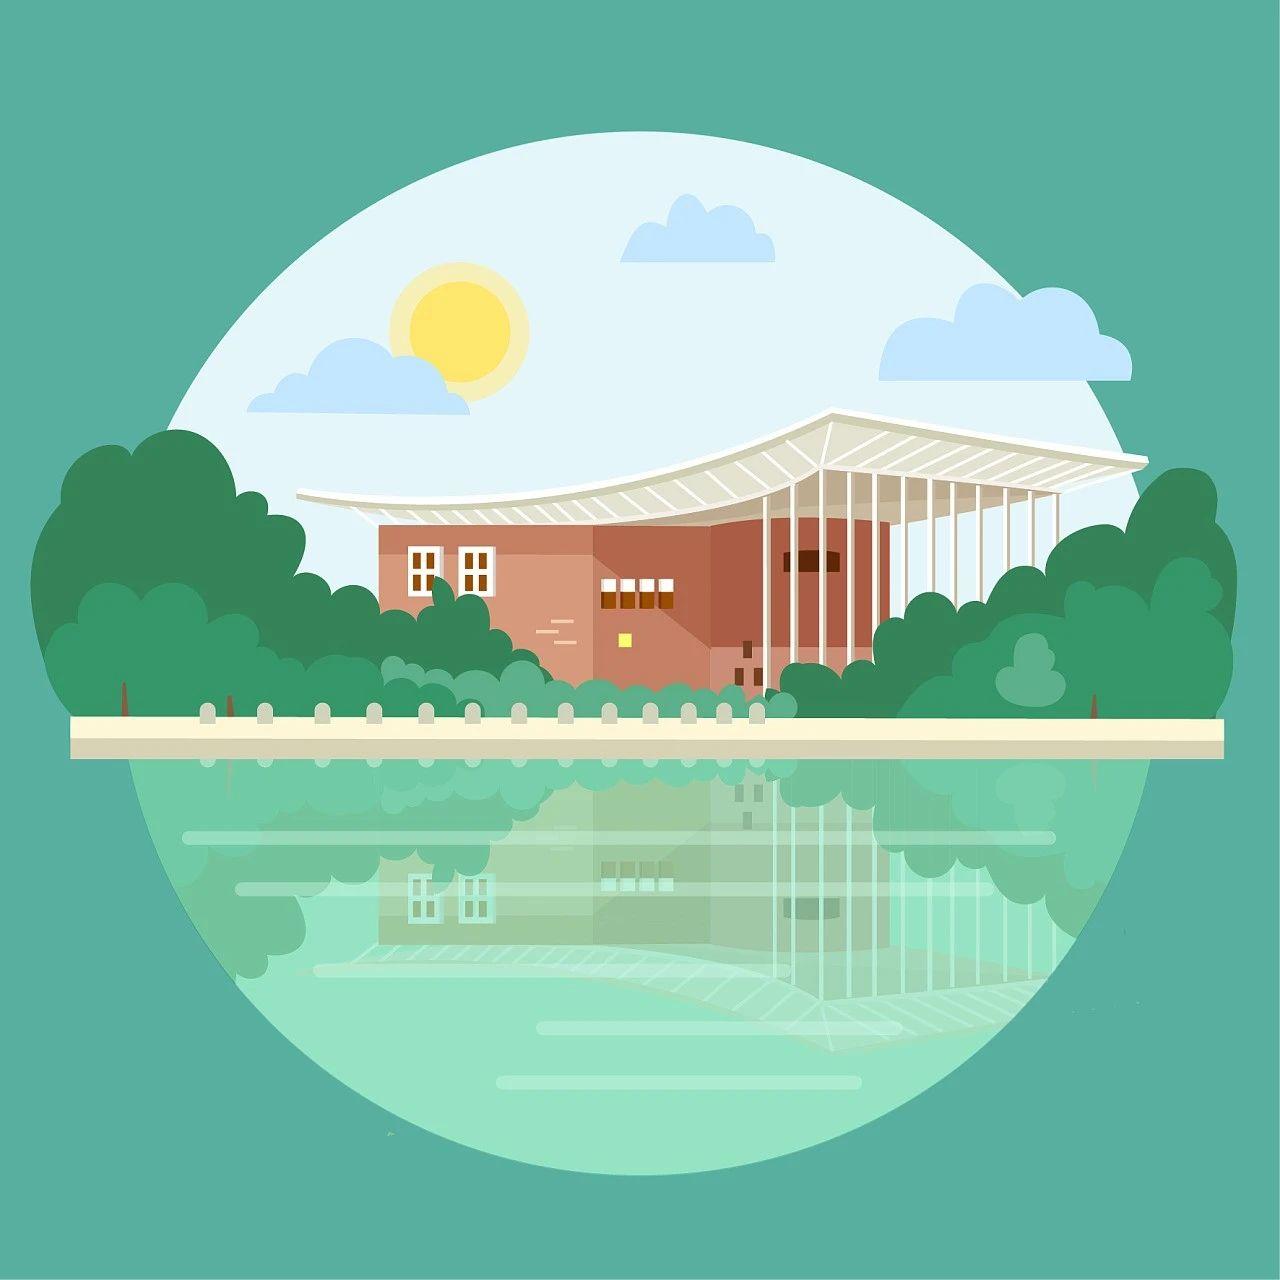 关注丨重庆15所学校上榜!第二届全国文明校园候选名单公示!来看看有你的学校吗